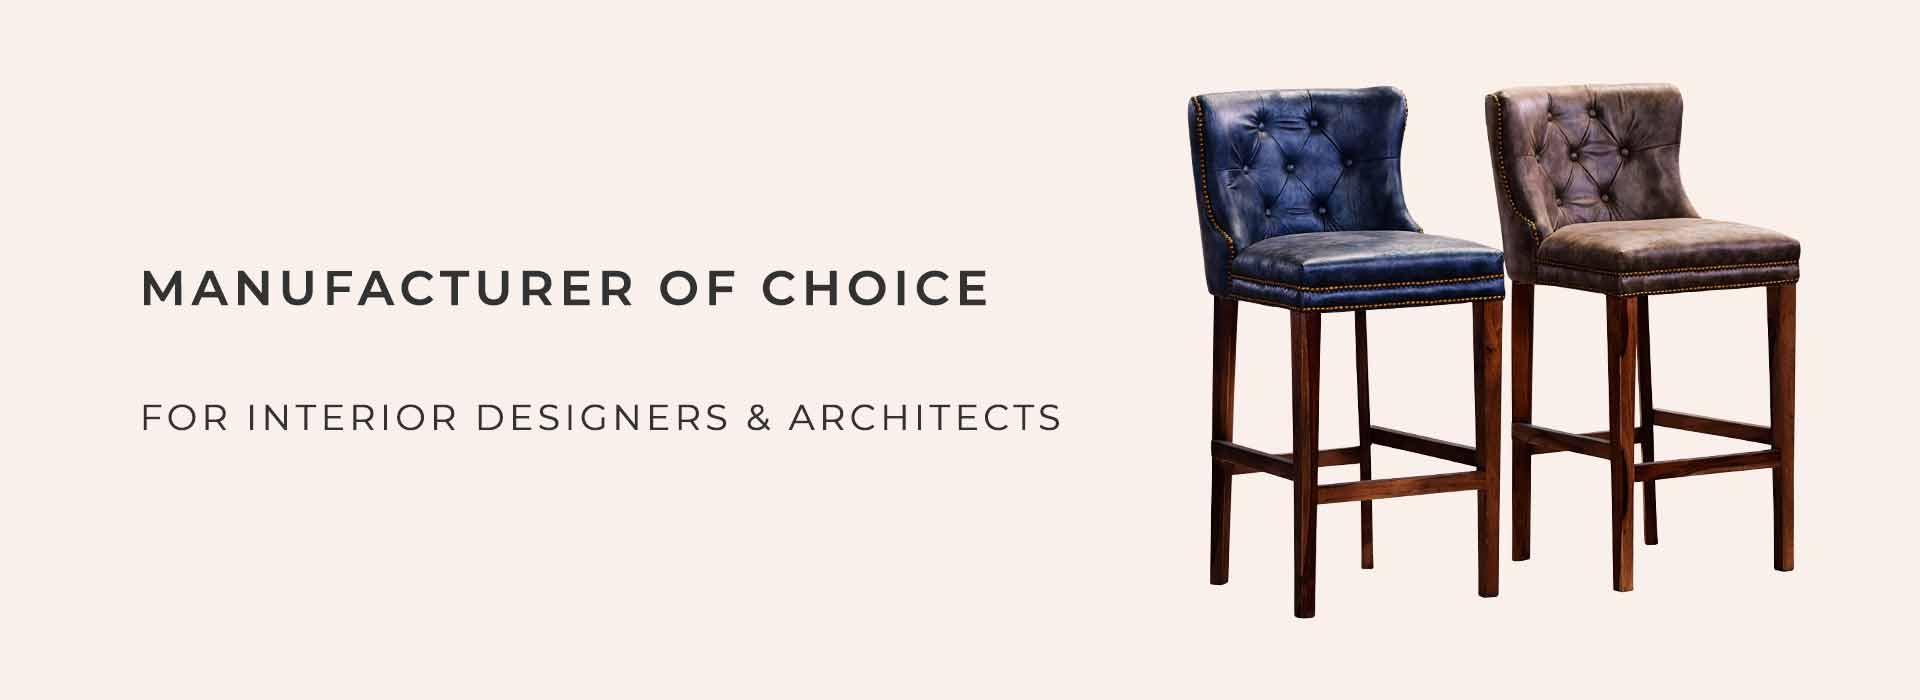 FurnitureRoots progetta e produce mobili su misura per l'ospitalità e progetti commerciali di interior designer e architetti